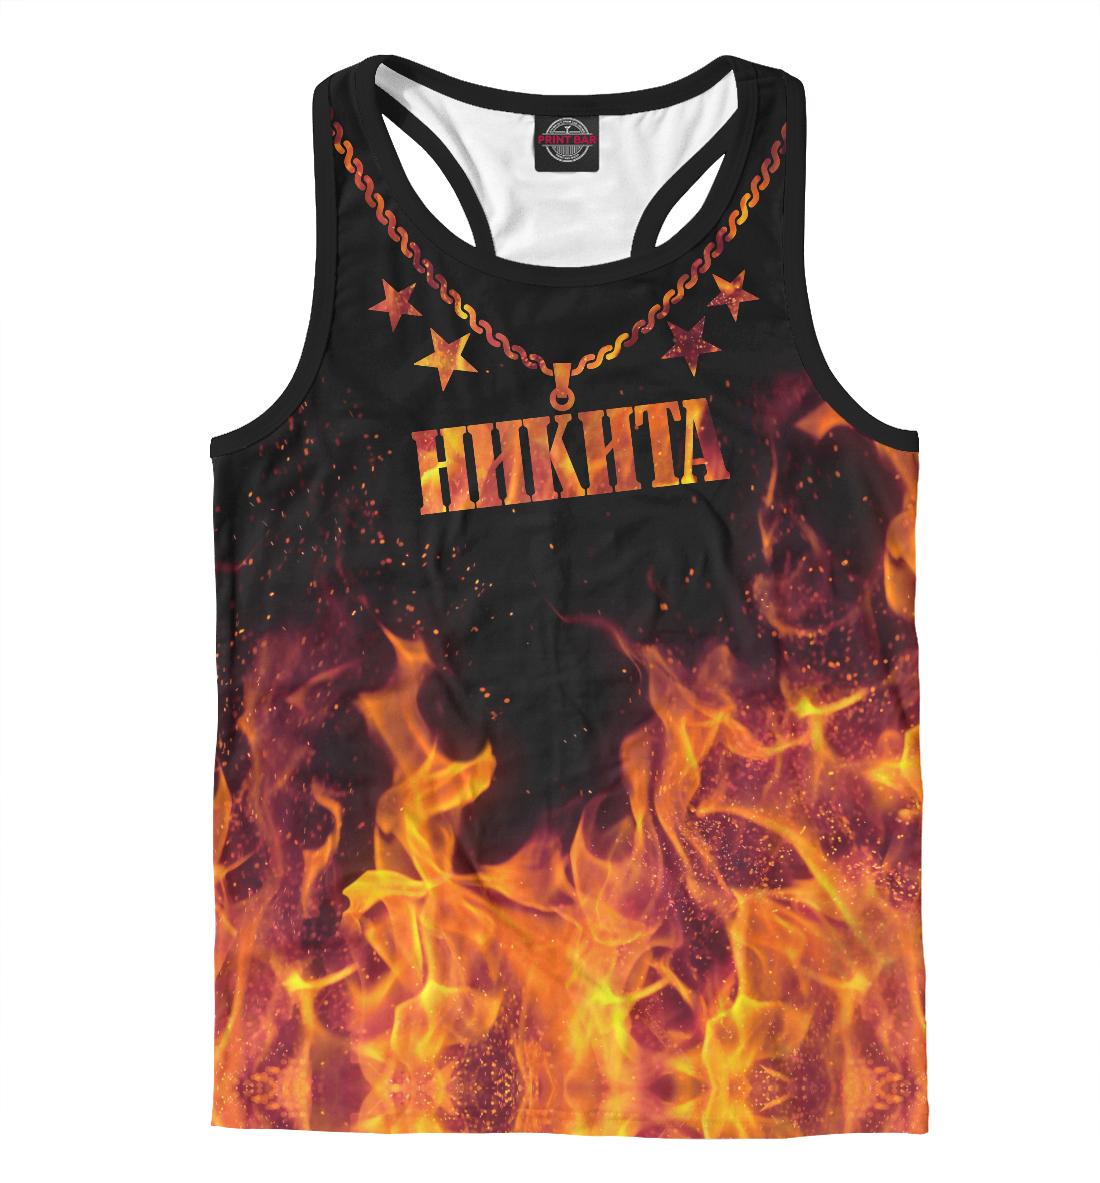 Купить Никита, Printbar, Майки борцовки, NIK-996256-mayb-2